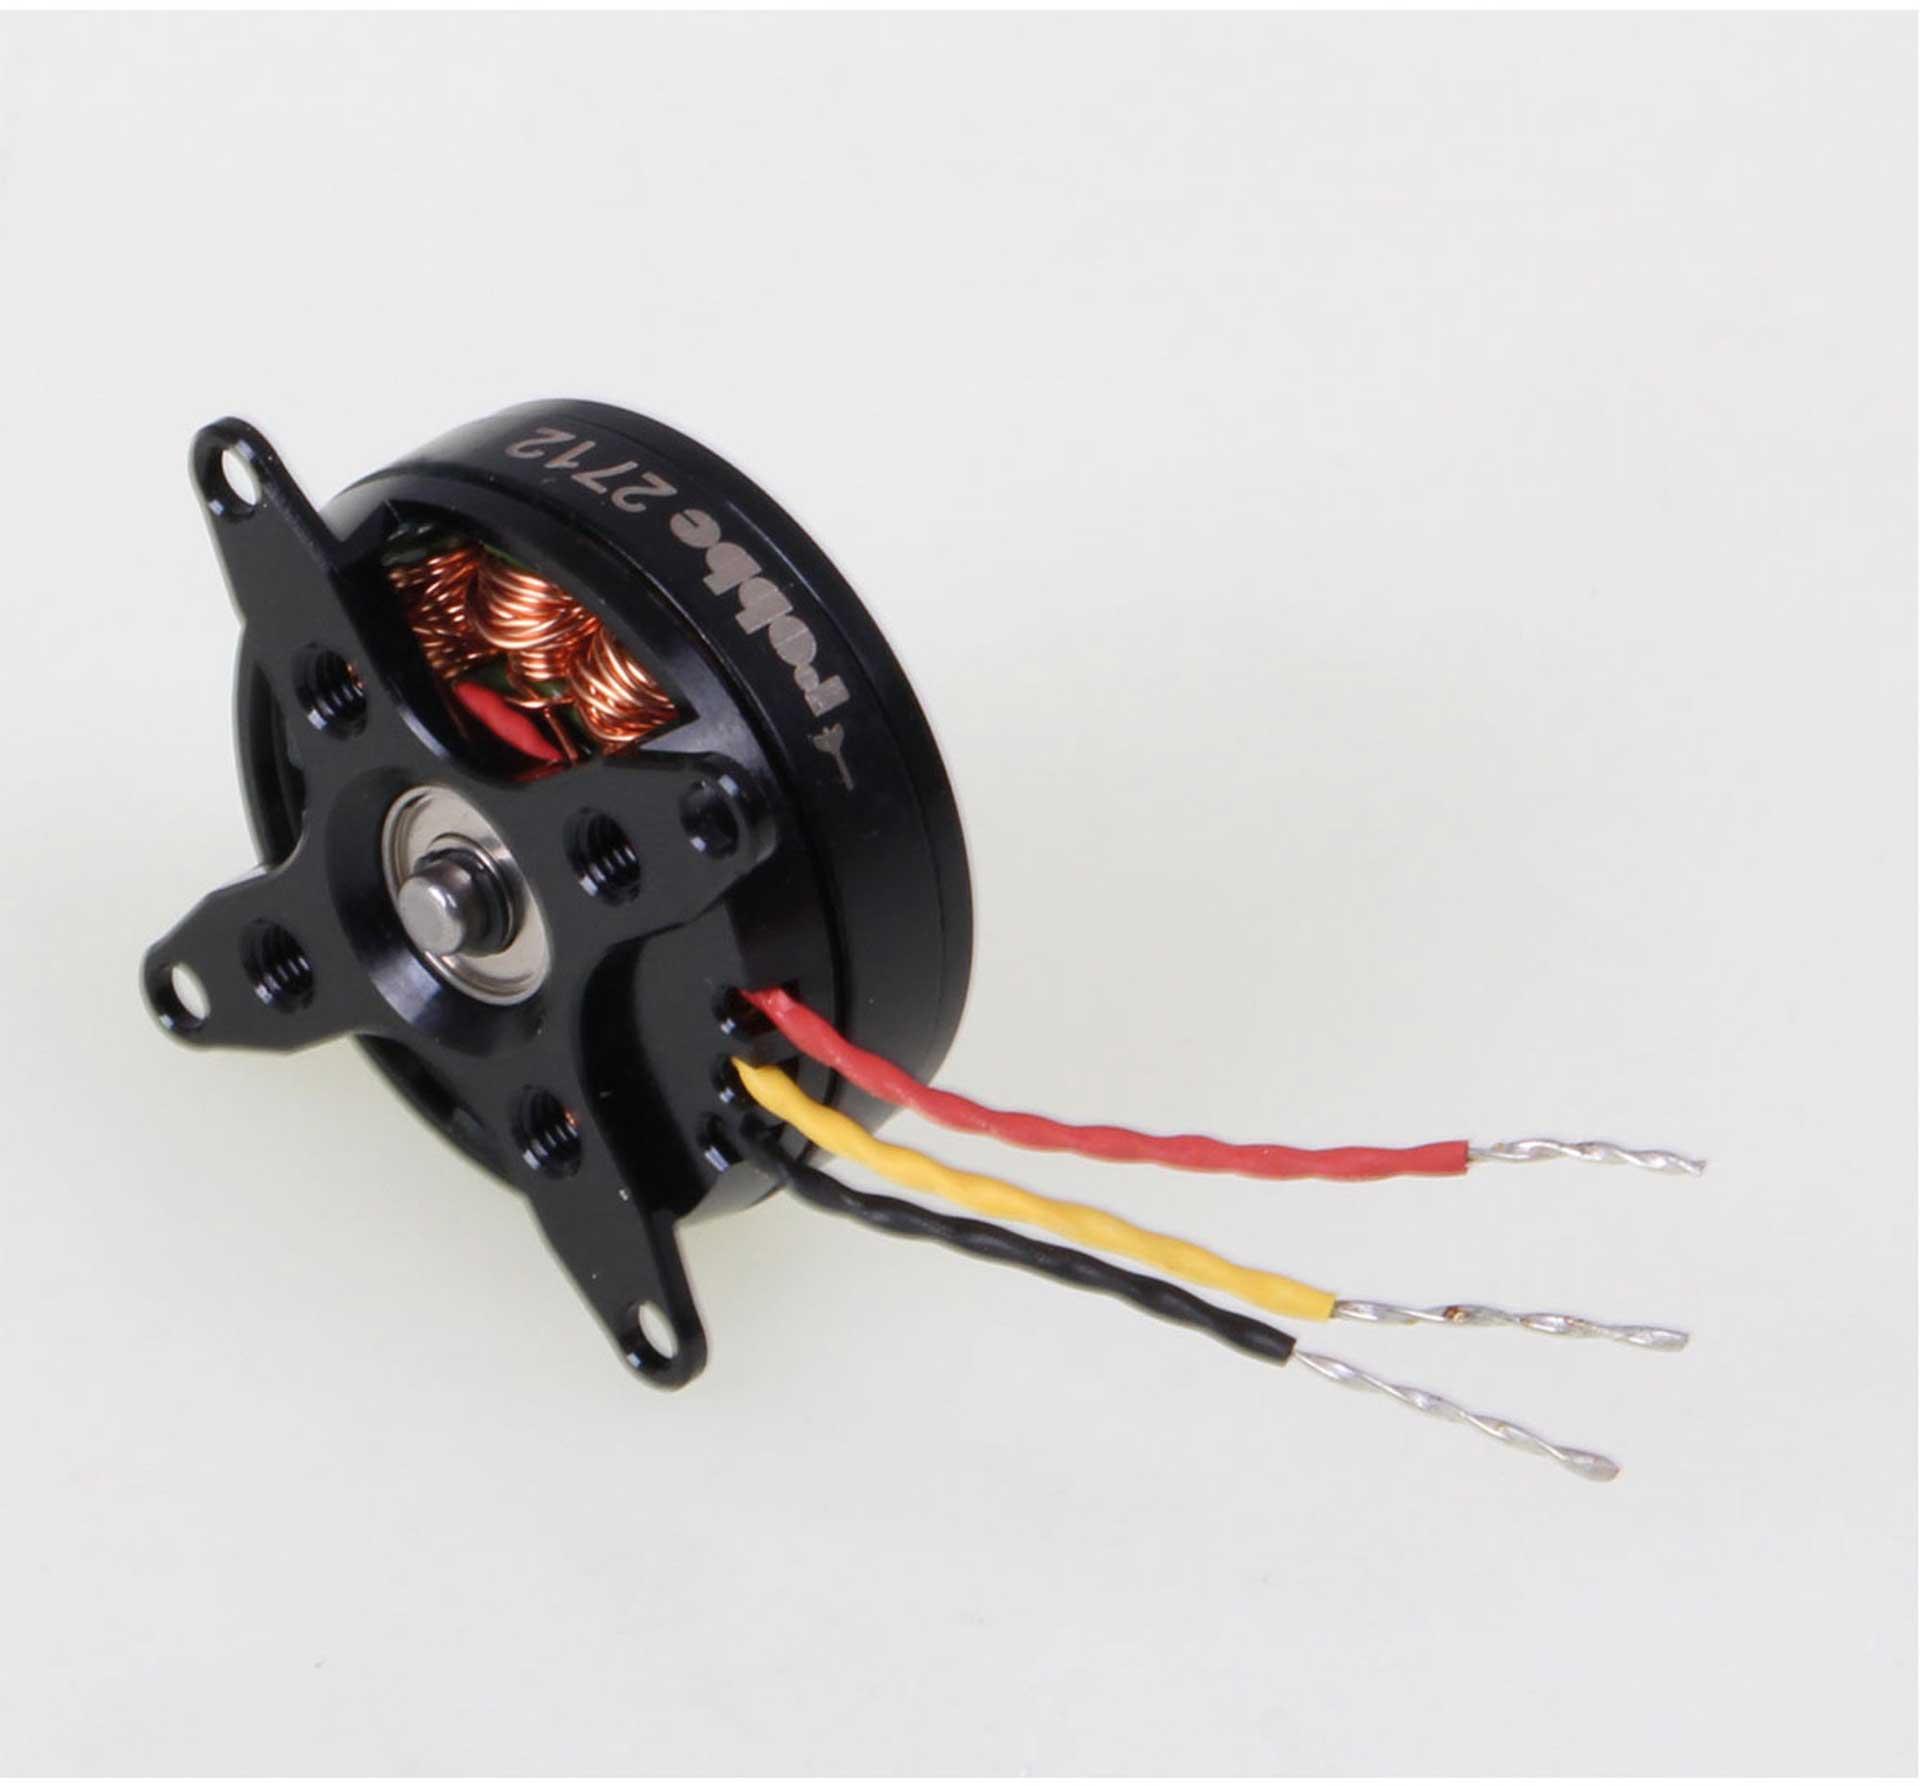 ROBBE RO-POWER TORQUE 2712 1720 K/V BRUSHLESS